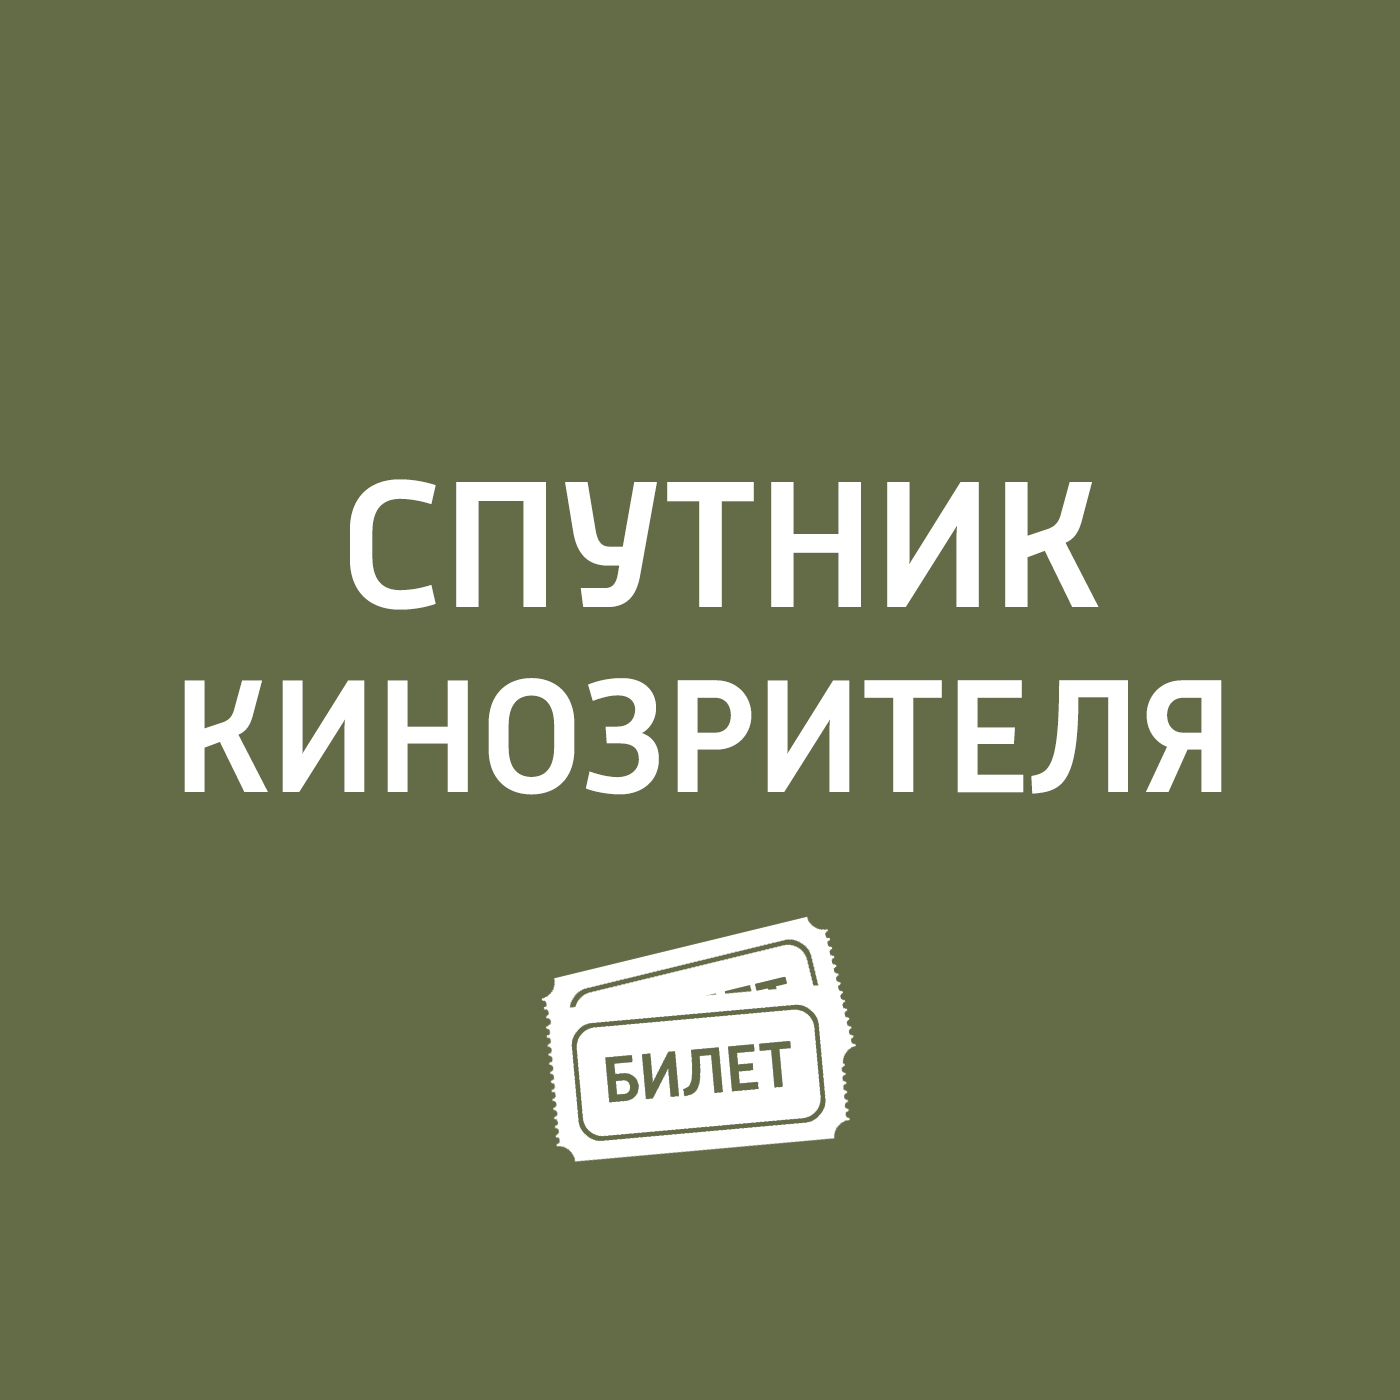 Антон Долин Памяти Милоша Формана антон долин итоги премии оскар 2018